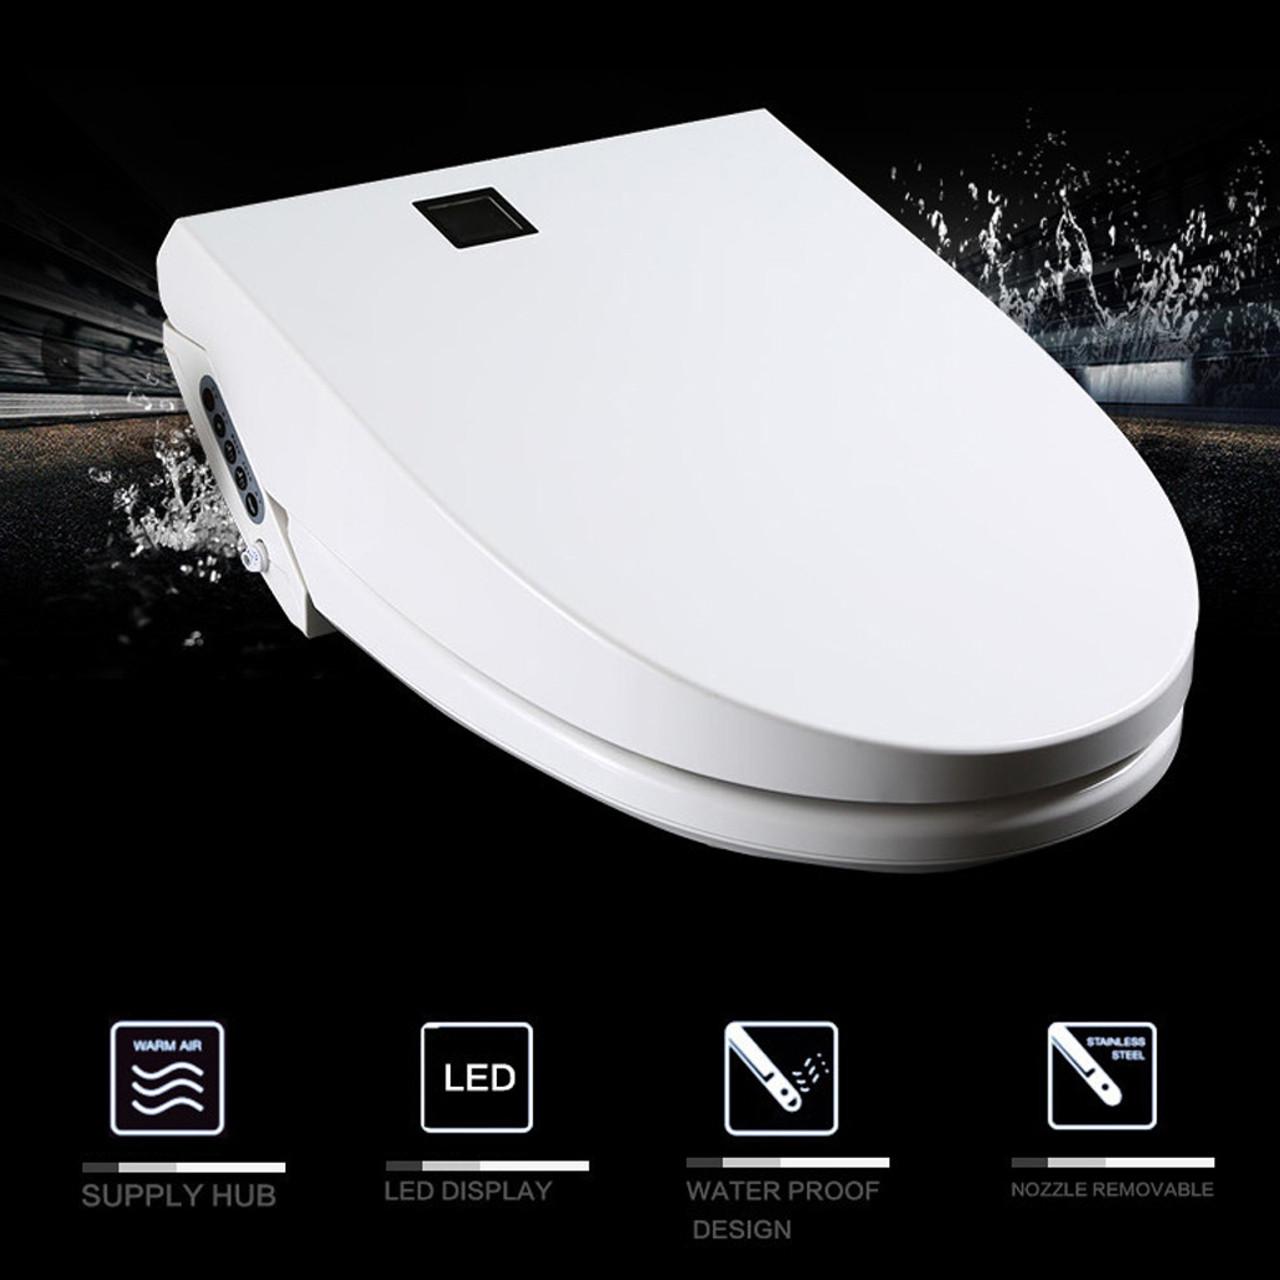 black and white toilet seat. Premium Euroto Intelligent Smart Toilet Seat Cover  Eurotousa com